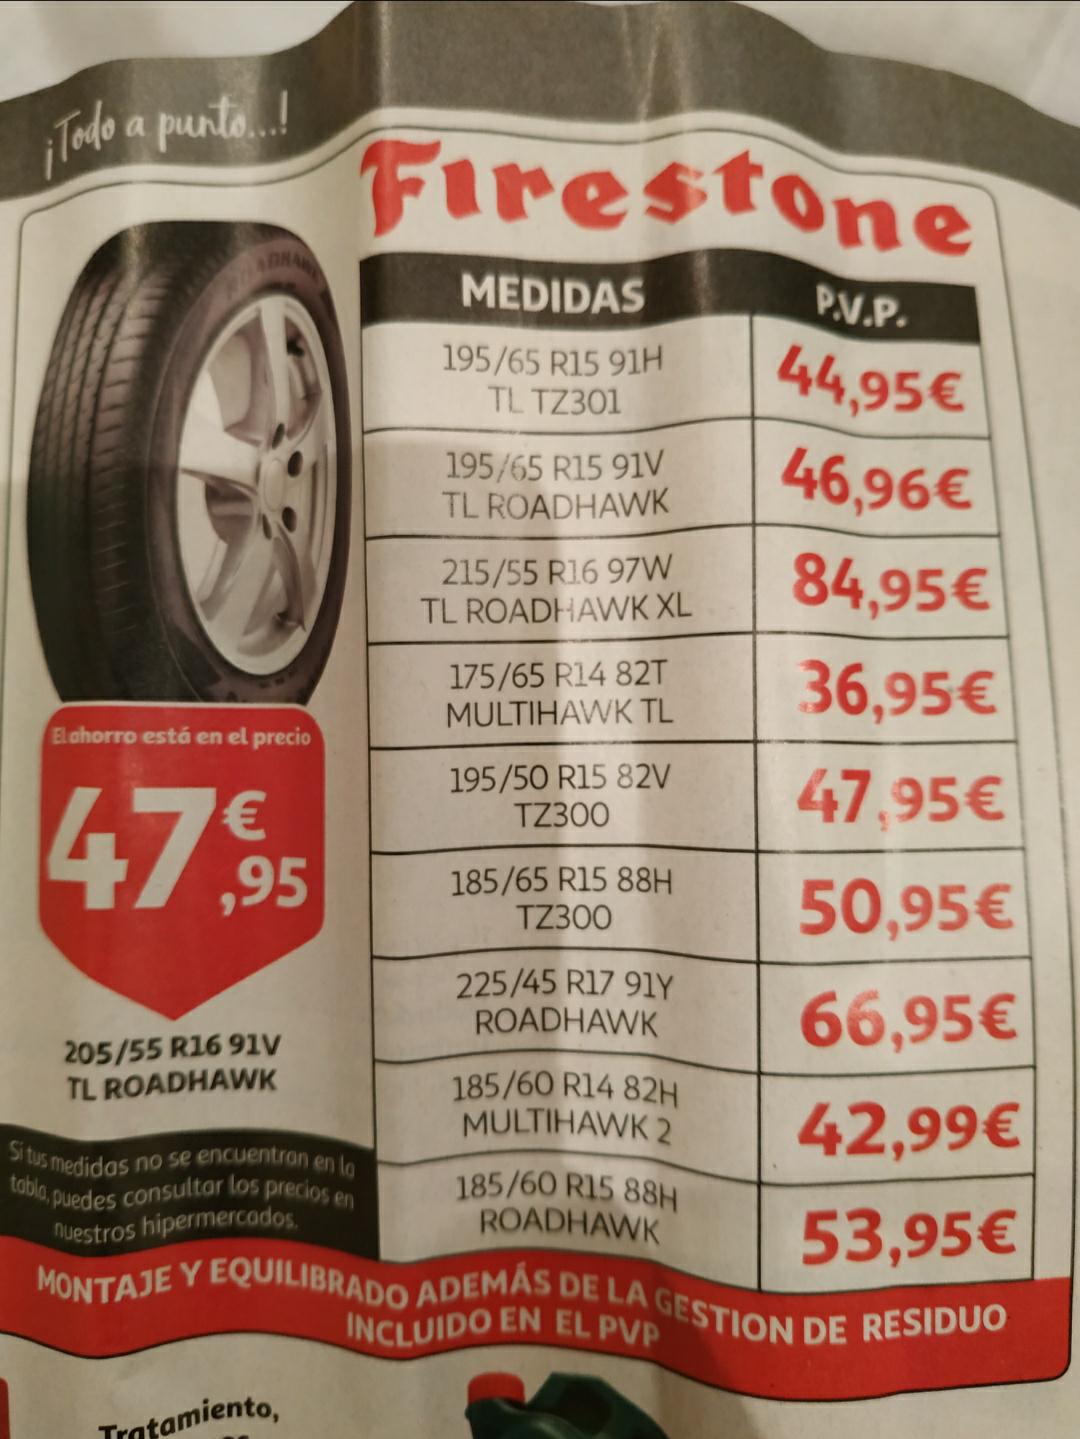 Neumáticos Firestone de oferta - Alcampo